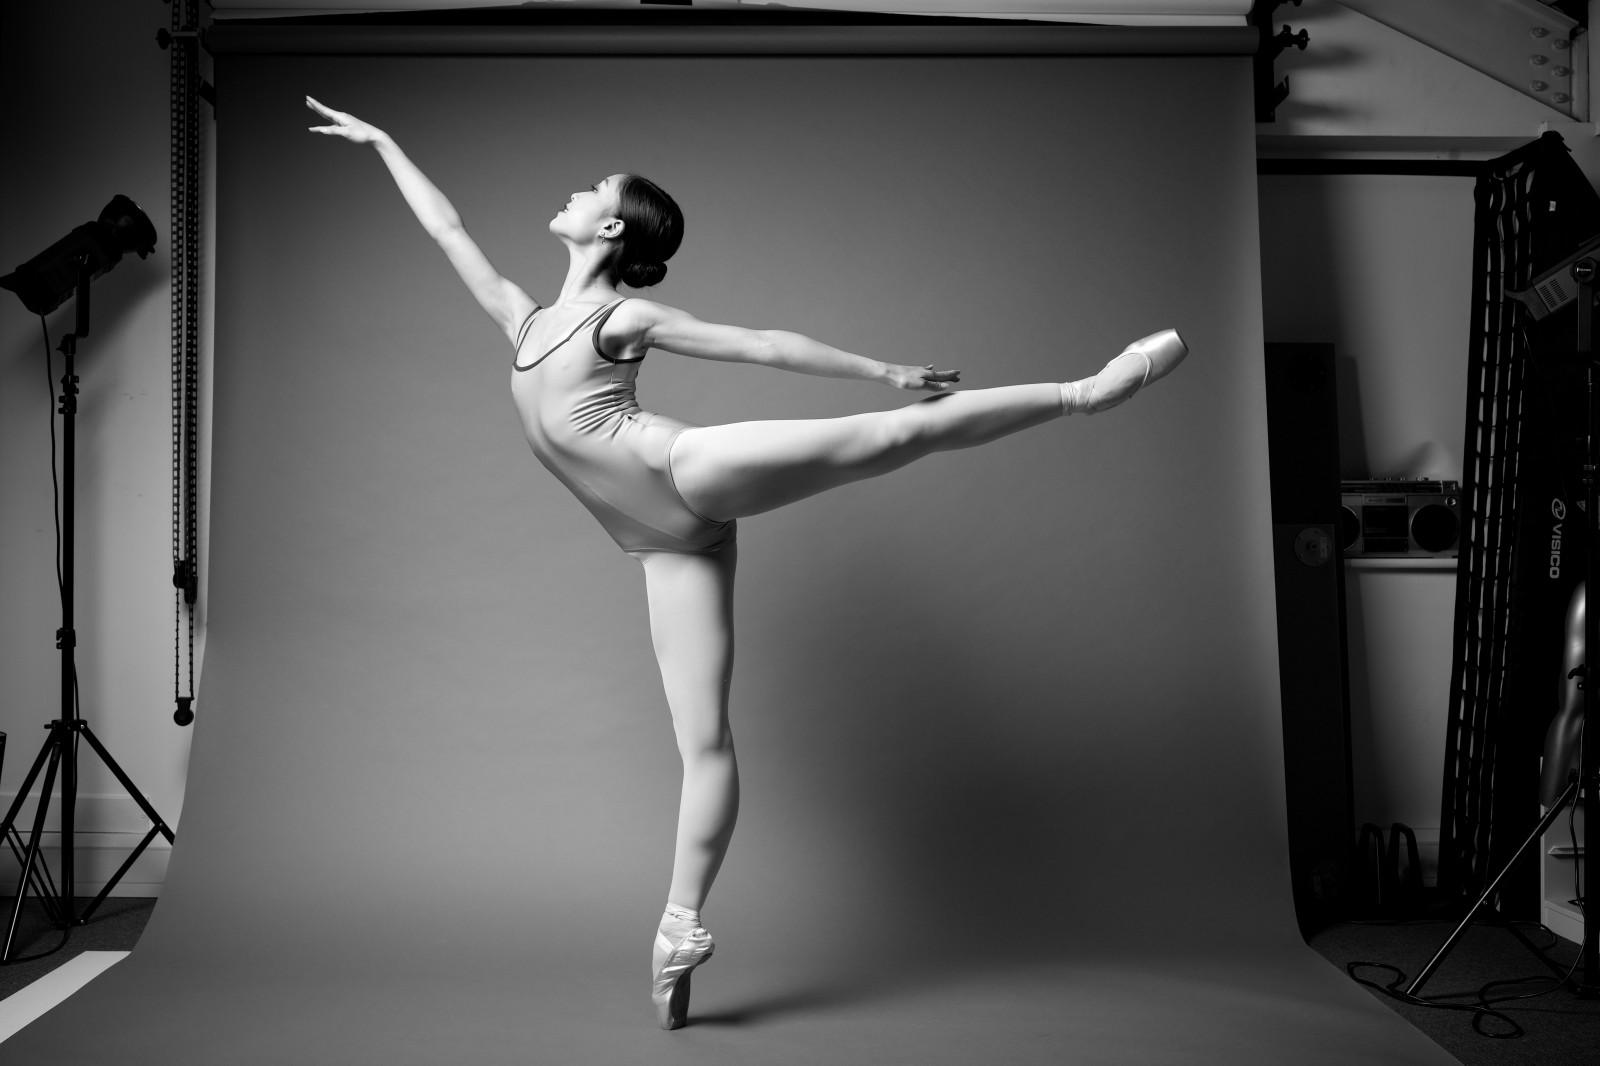 Балерина расставила ноги, тори блэк измена смотреть онлайн